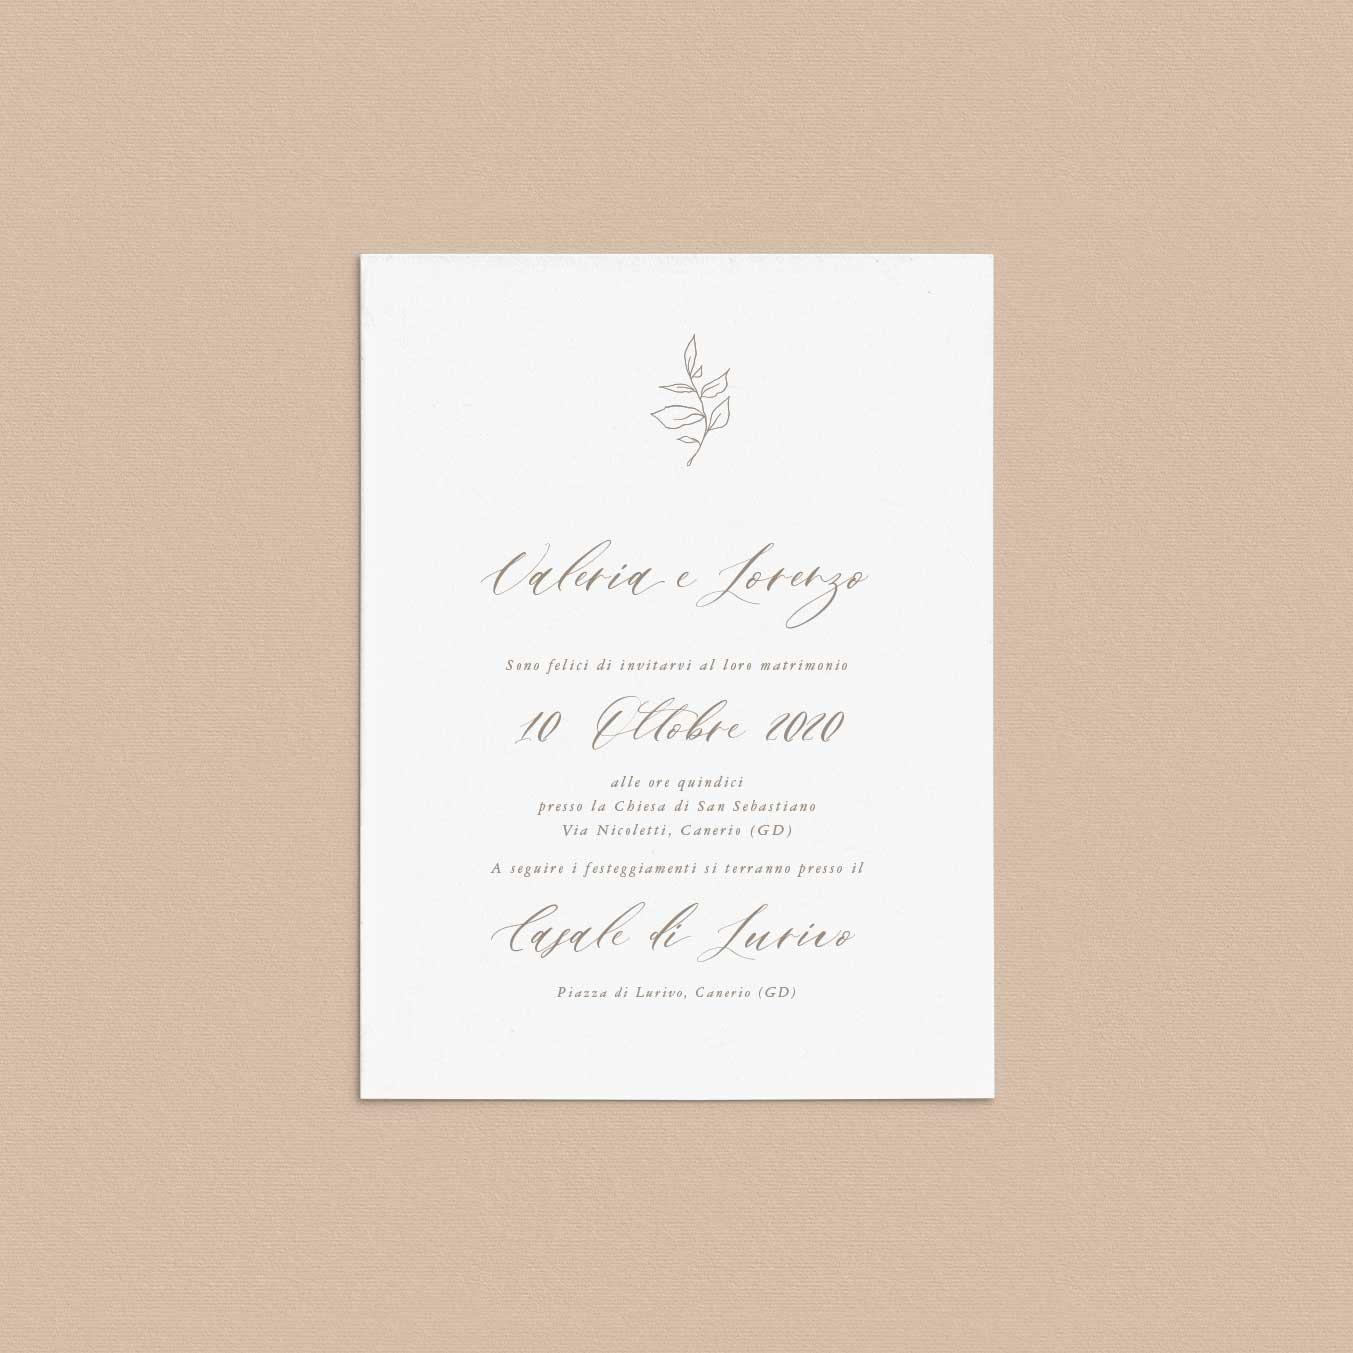 Partecipazioni-modello-rustico-vintage-natura-inviti-matrimonio-elegante-calligrafico-corsivo